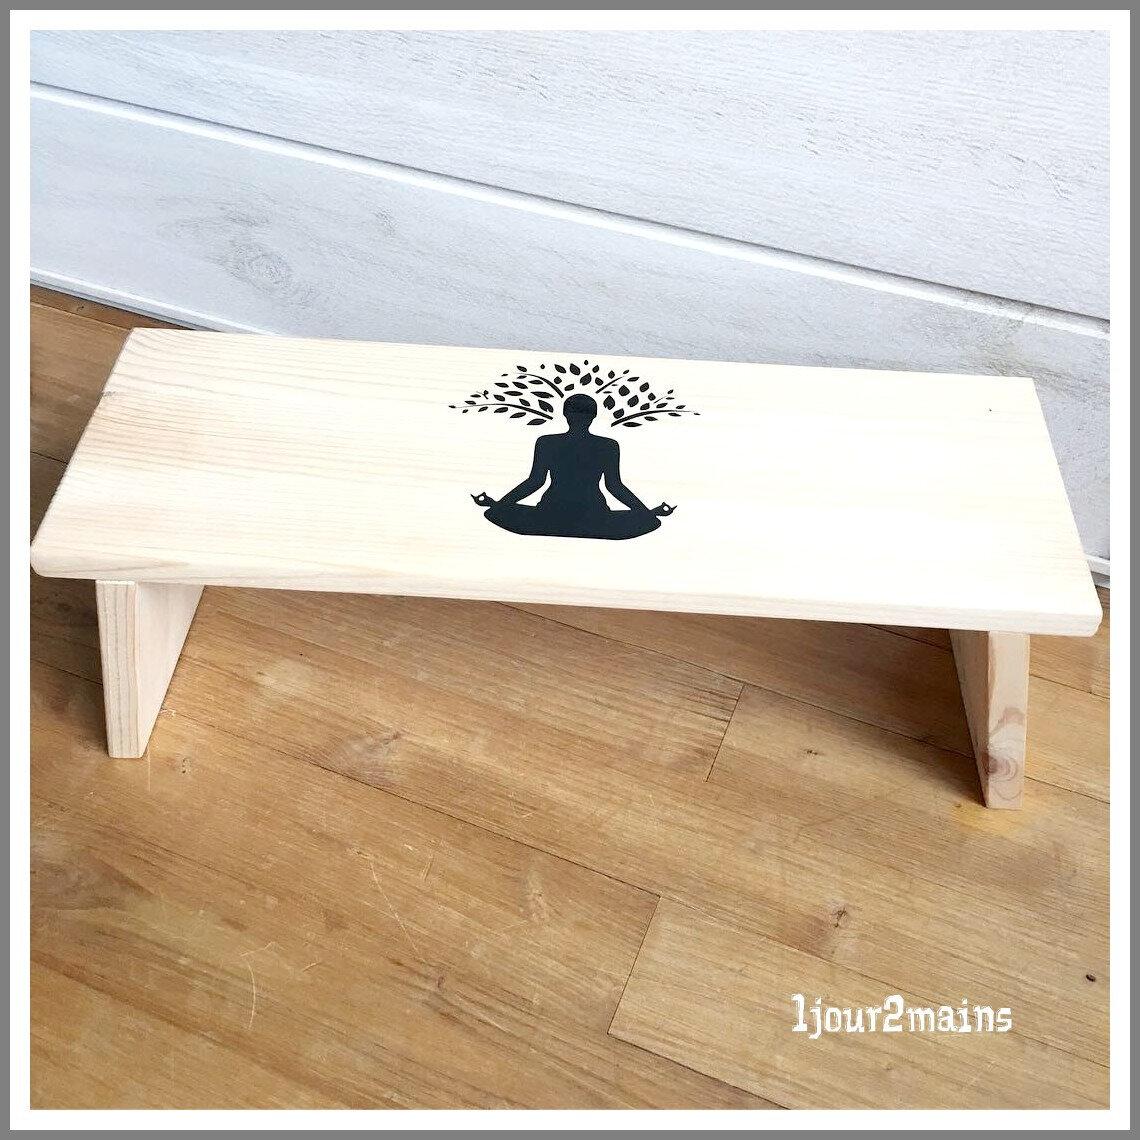 Banc Yoga Vinyl Noir Photo De Flex Vinyl Caméo 1 Jour 2mains